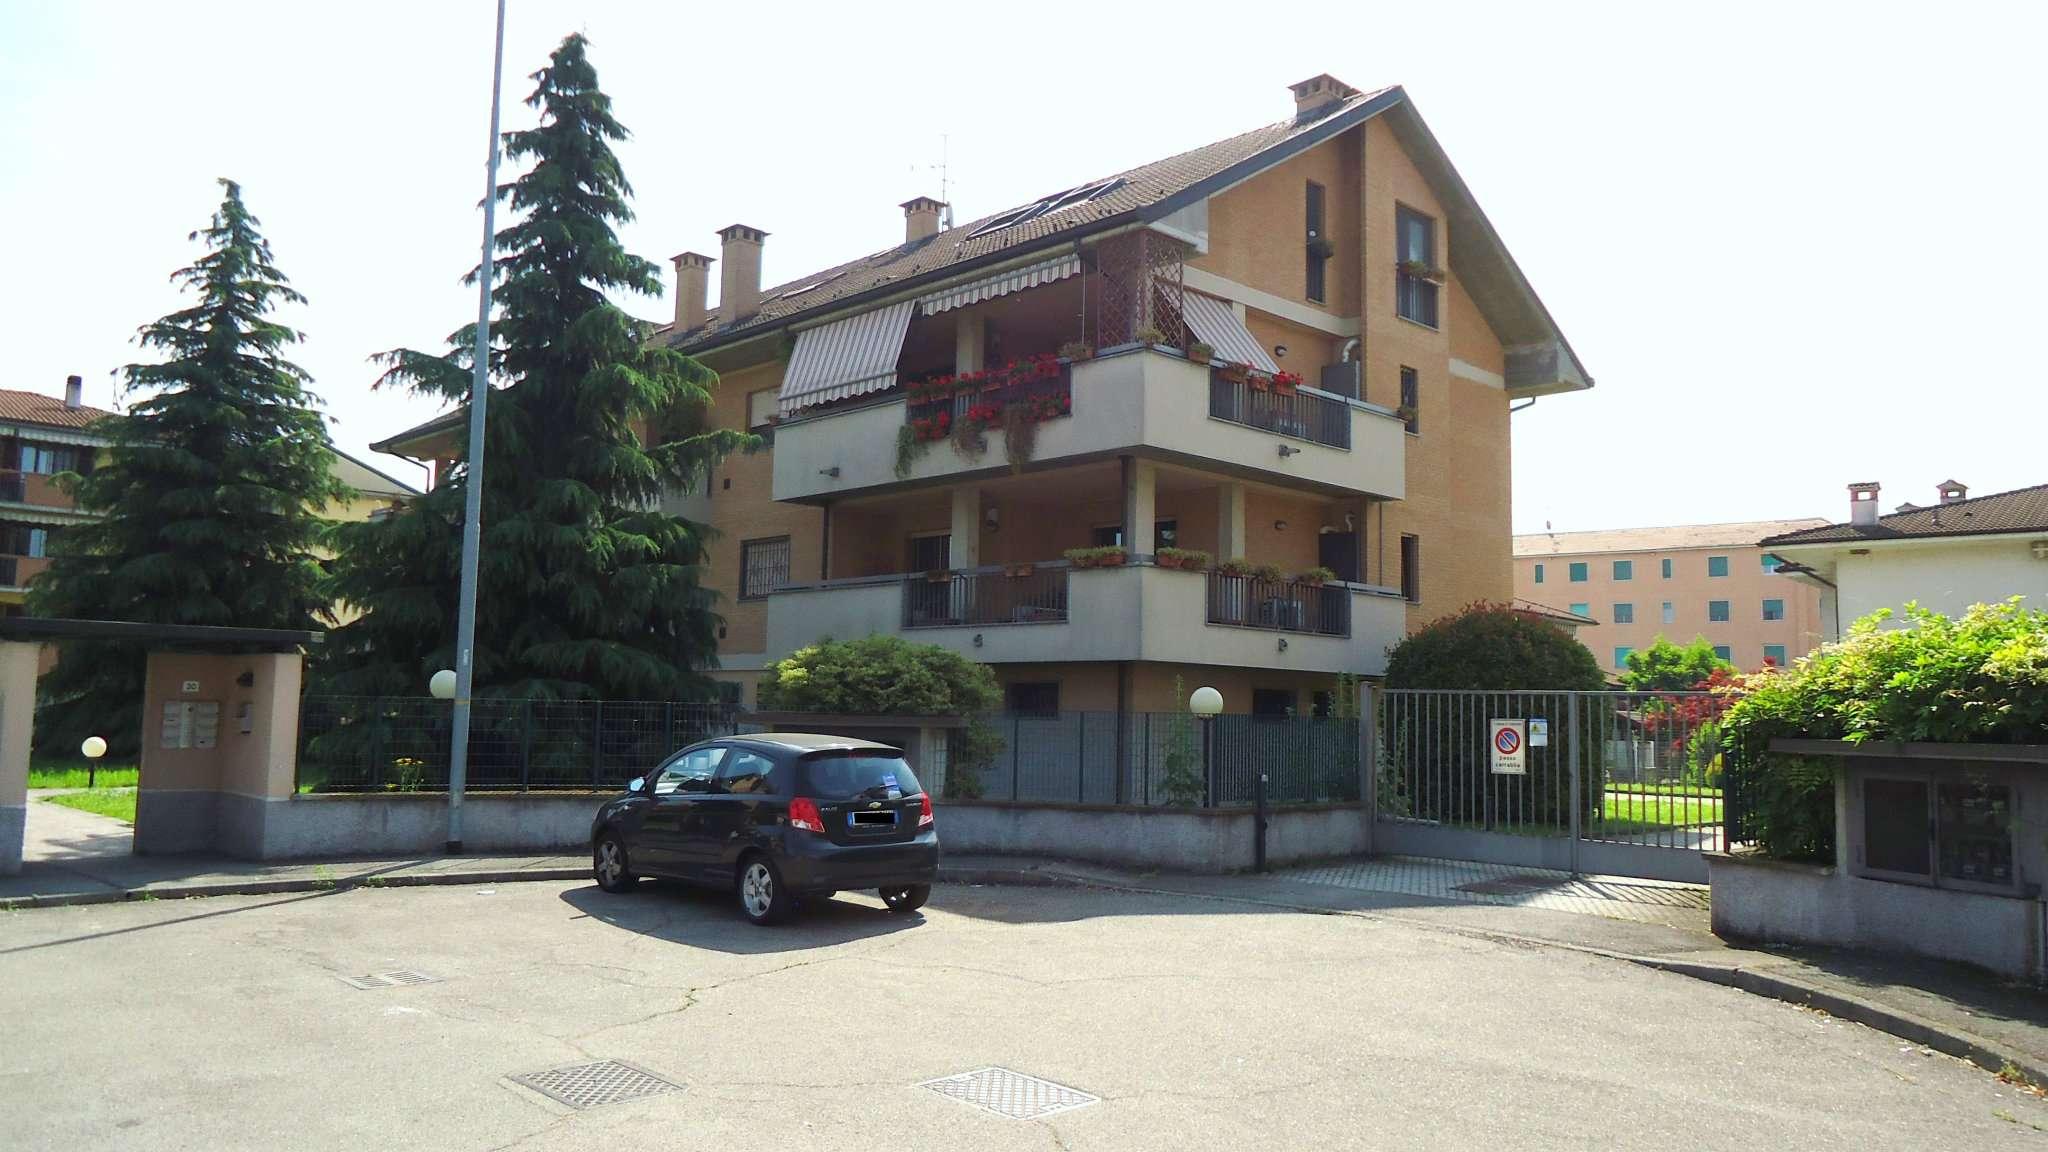 Appartamento in vendita a Landriano, 2 locali, prezzo € 98.000 | CambioCasa.it